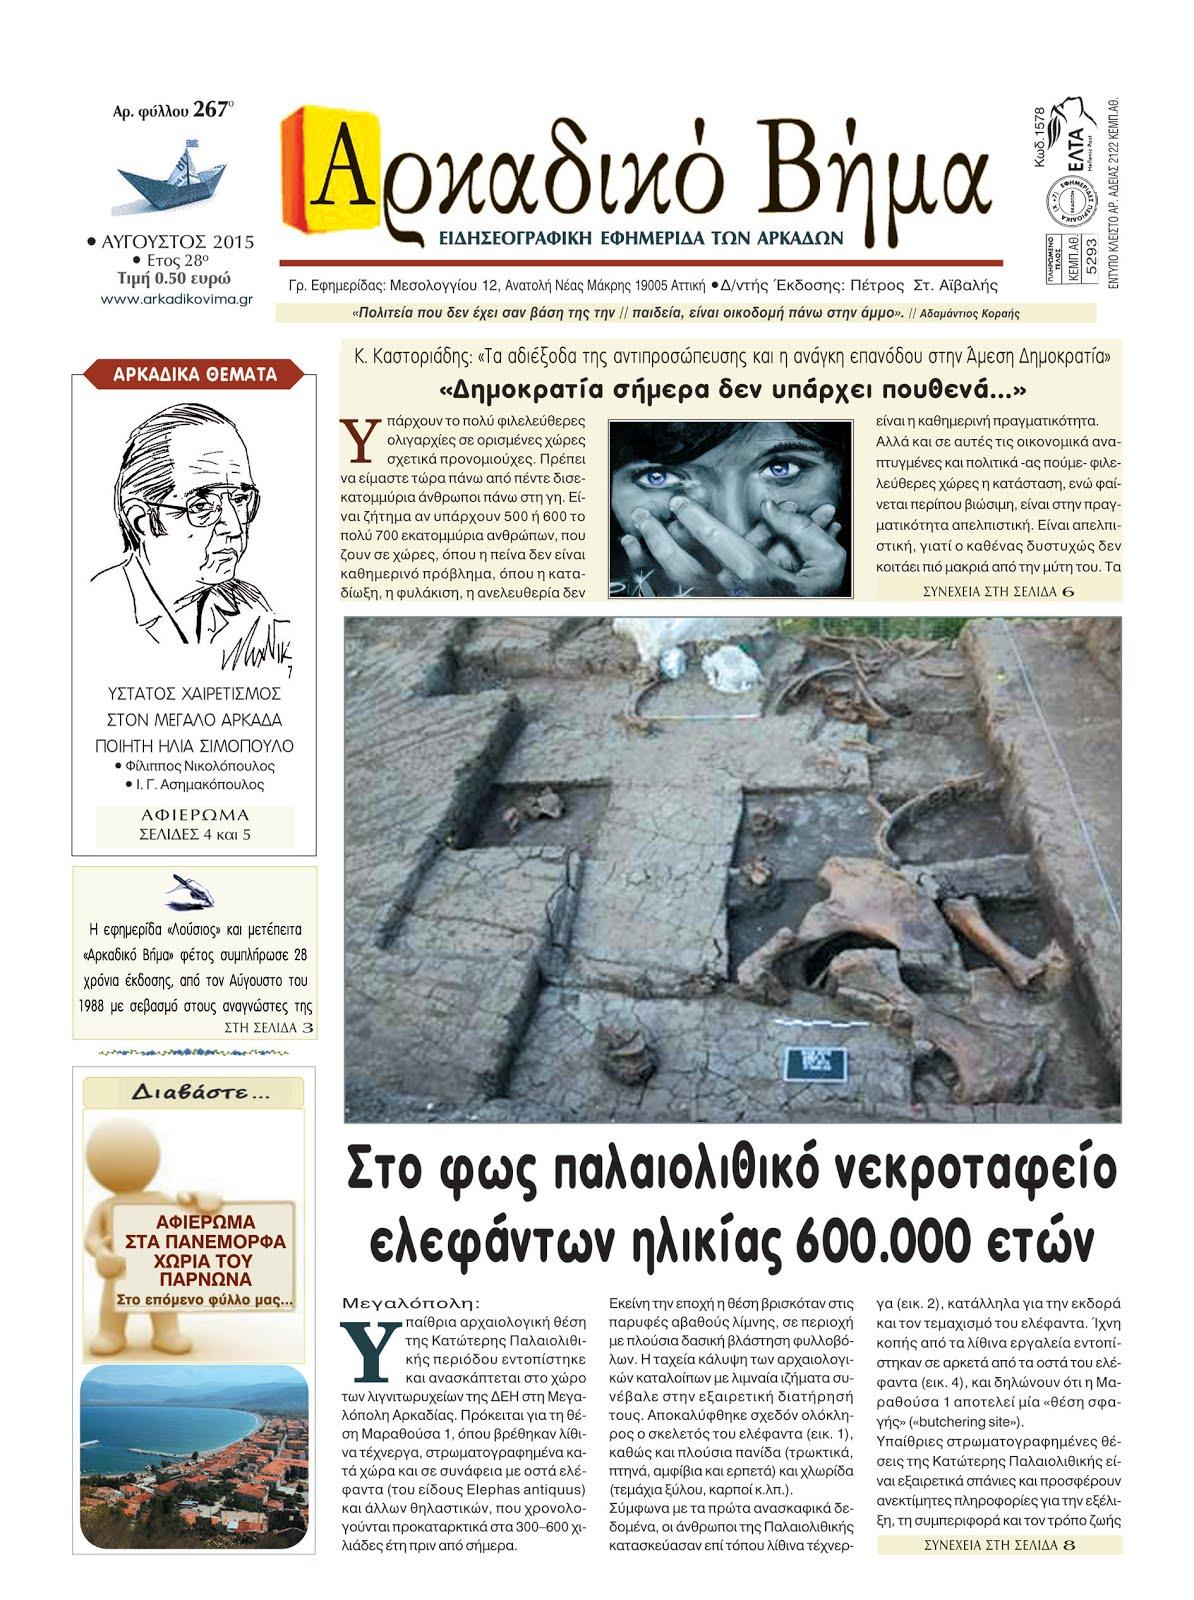 """Κ.Καστοριάδης: """"Δημοκρατία σήμερα δεν υπάρχει πουθενά..."""""""